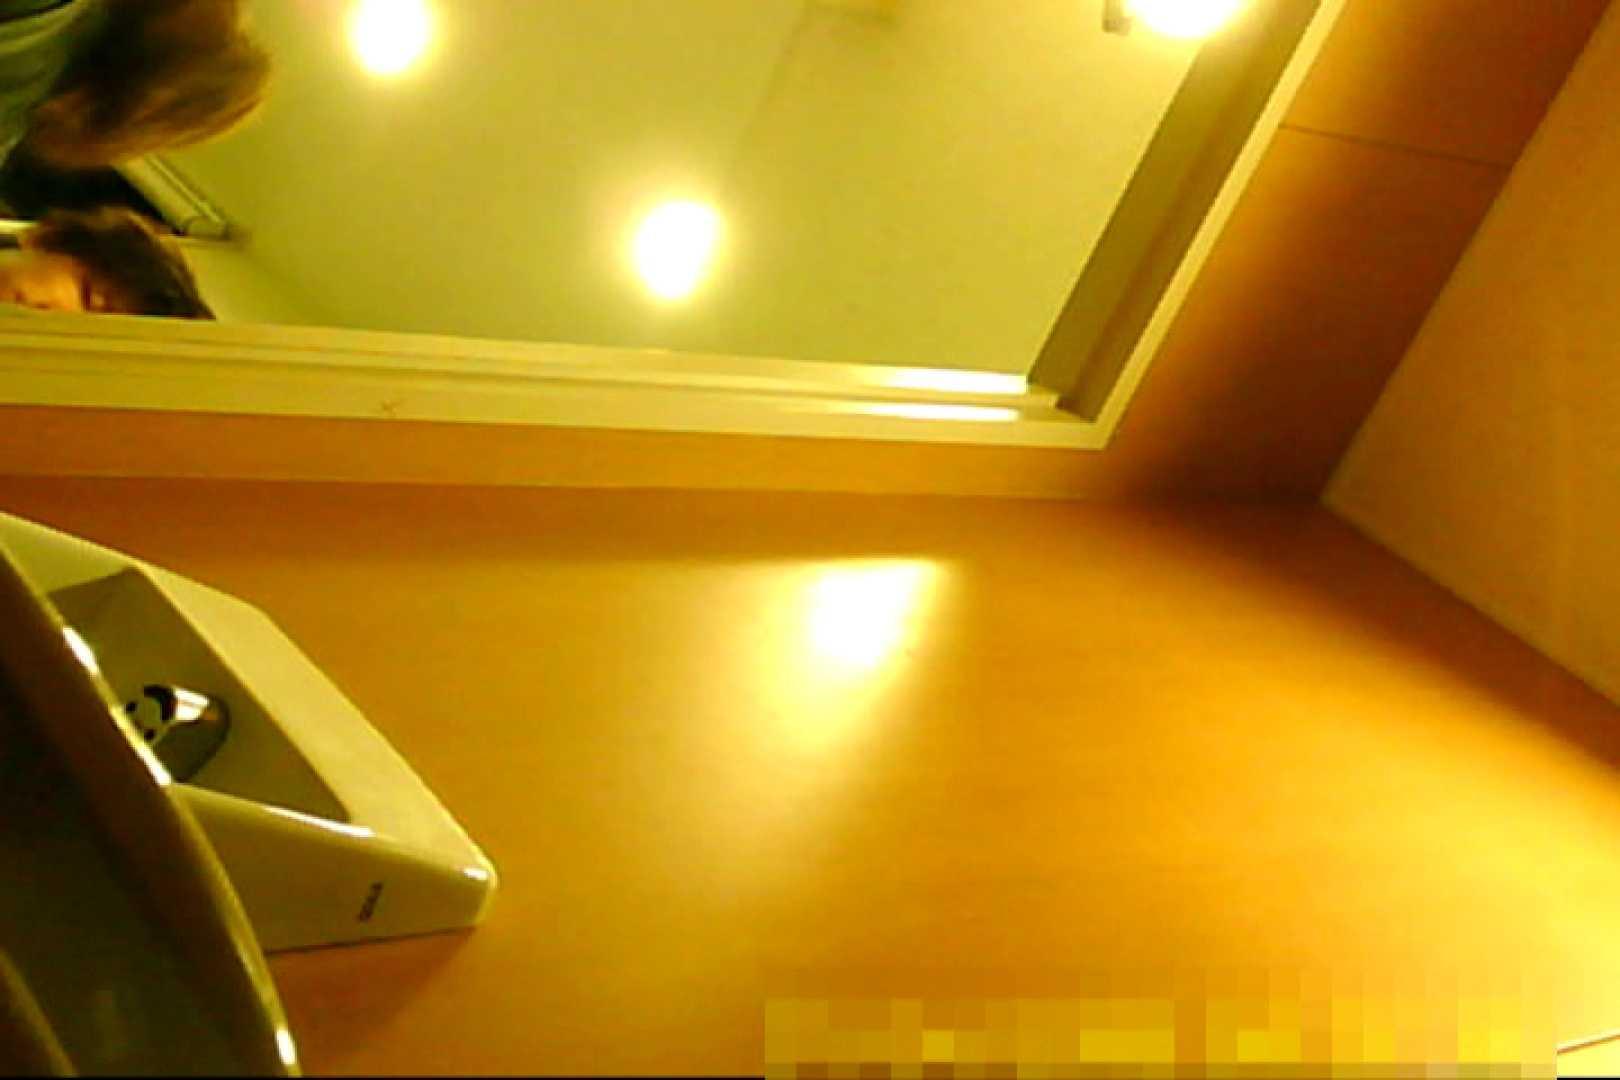 魅惑の化粧室~禁断のプライベート空間~33 プライベート | 0  91画像 47